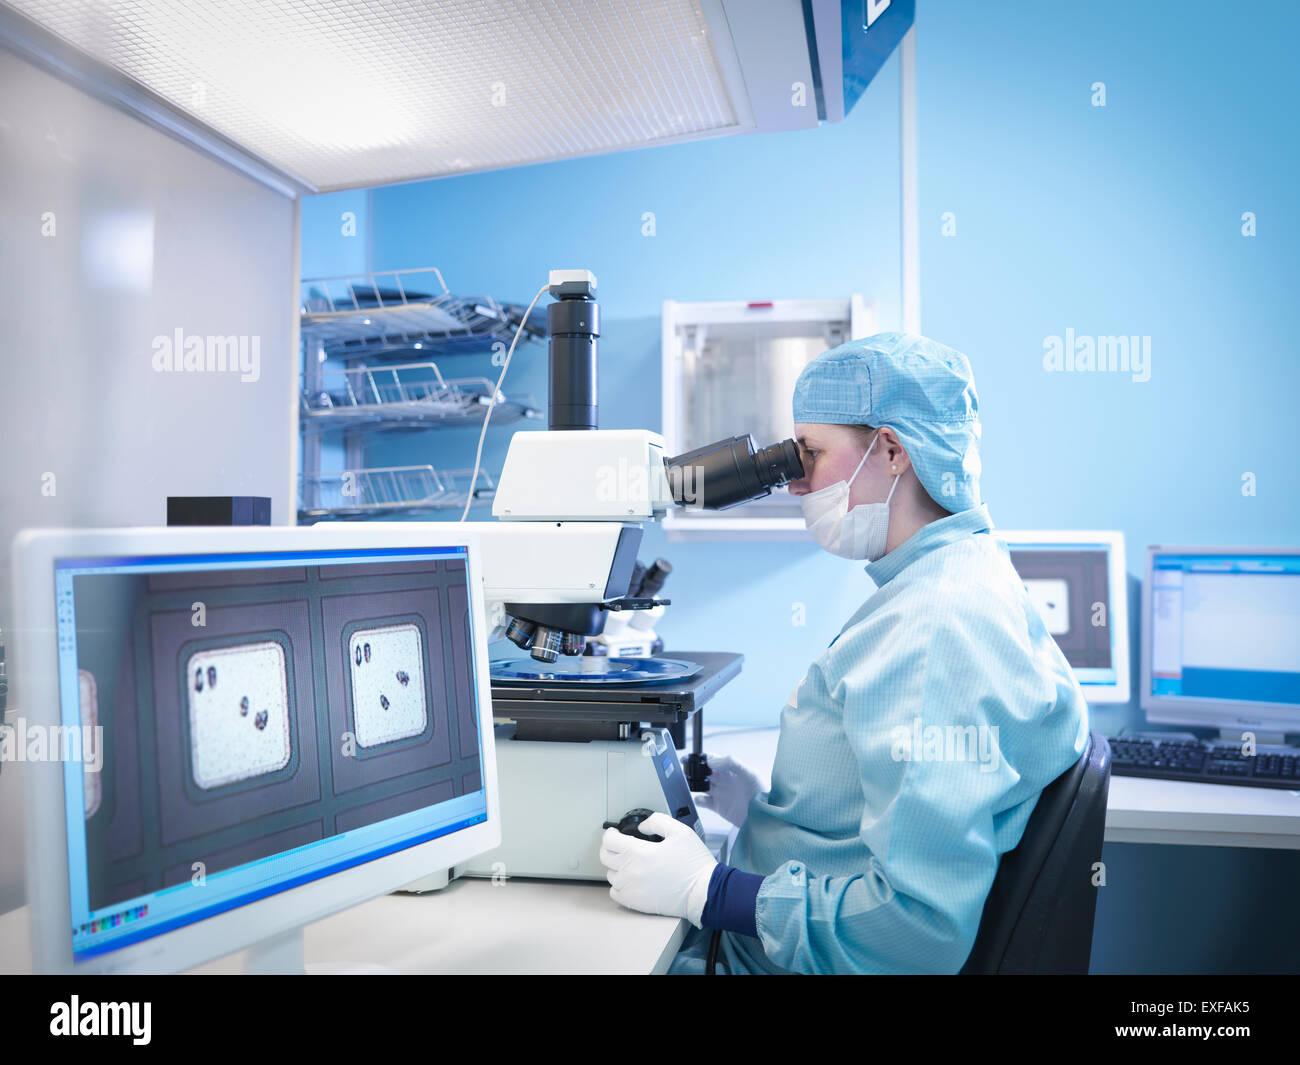 Electronics lavoratore lavora con microscopio nella stanza pulita Immagini Stock